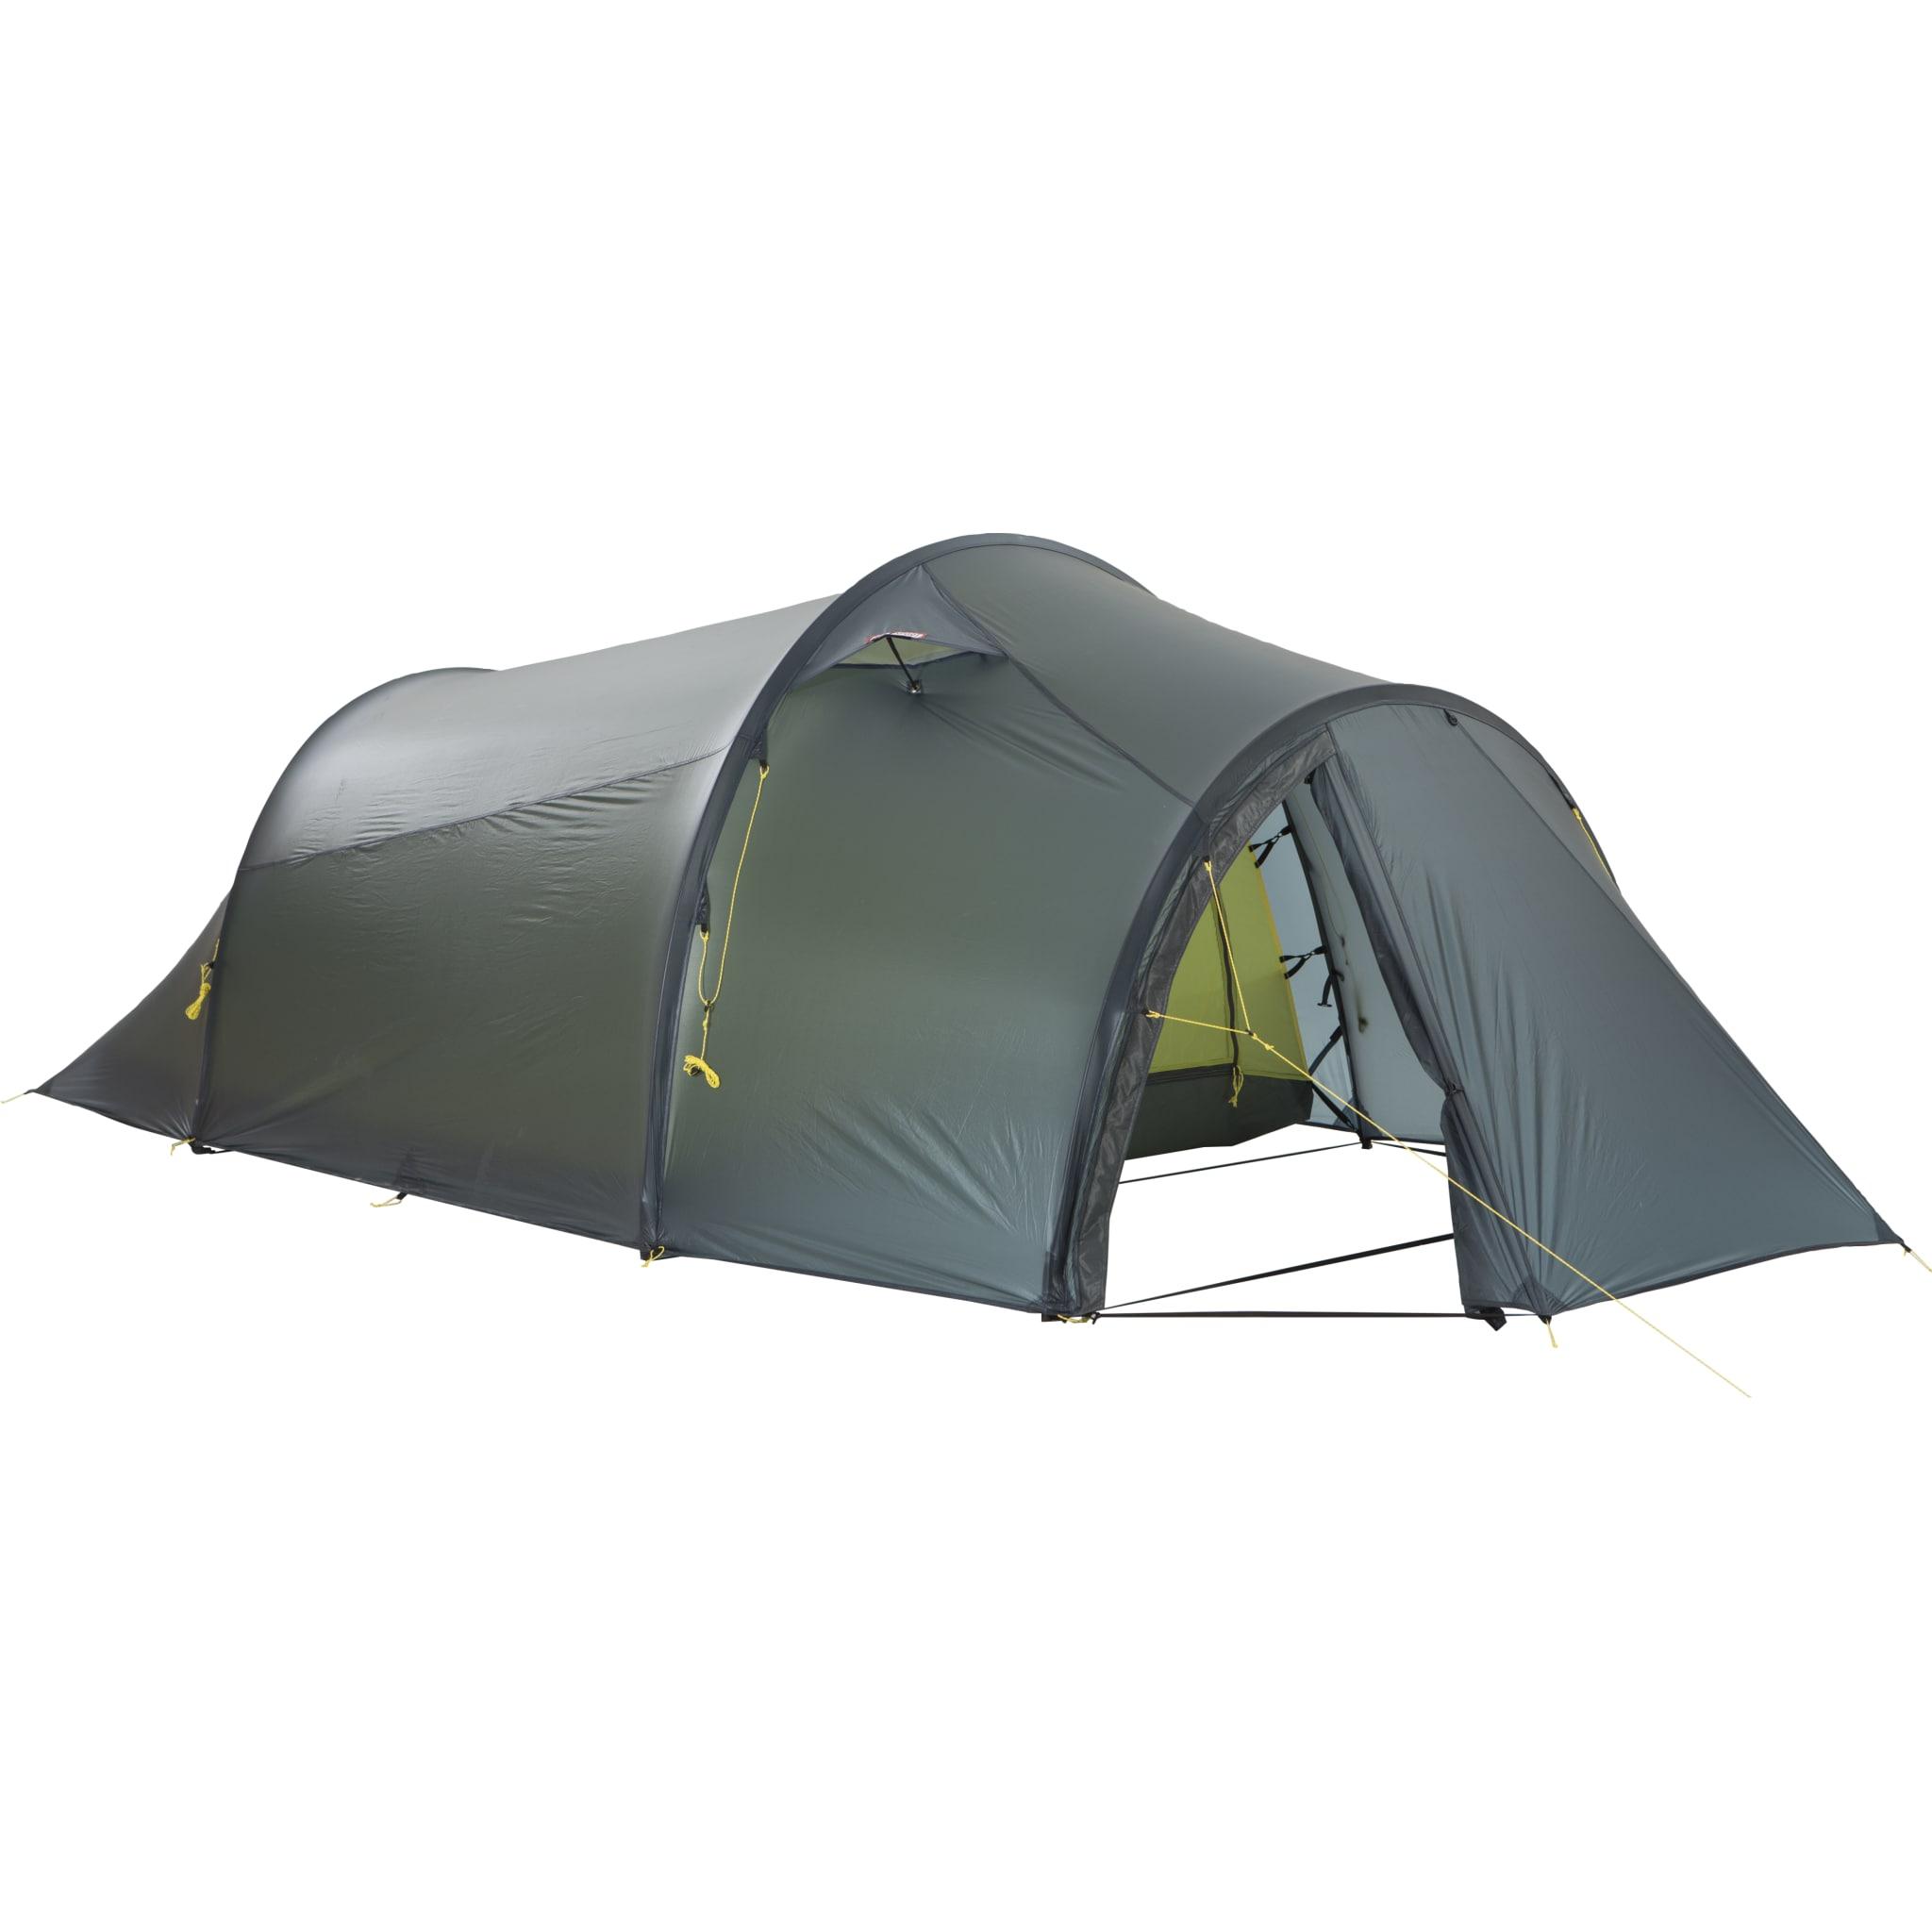 Supert romslig telt som ikke tar store plassen i sekken